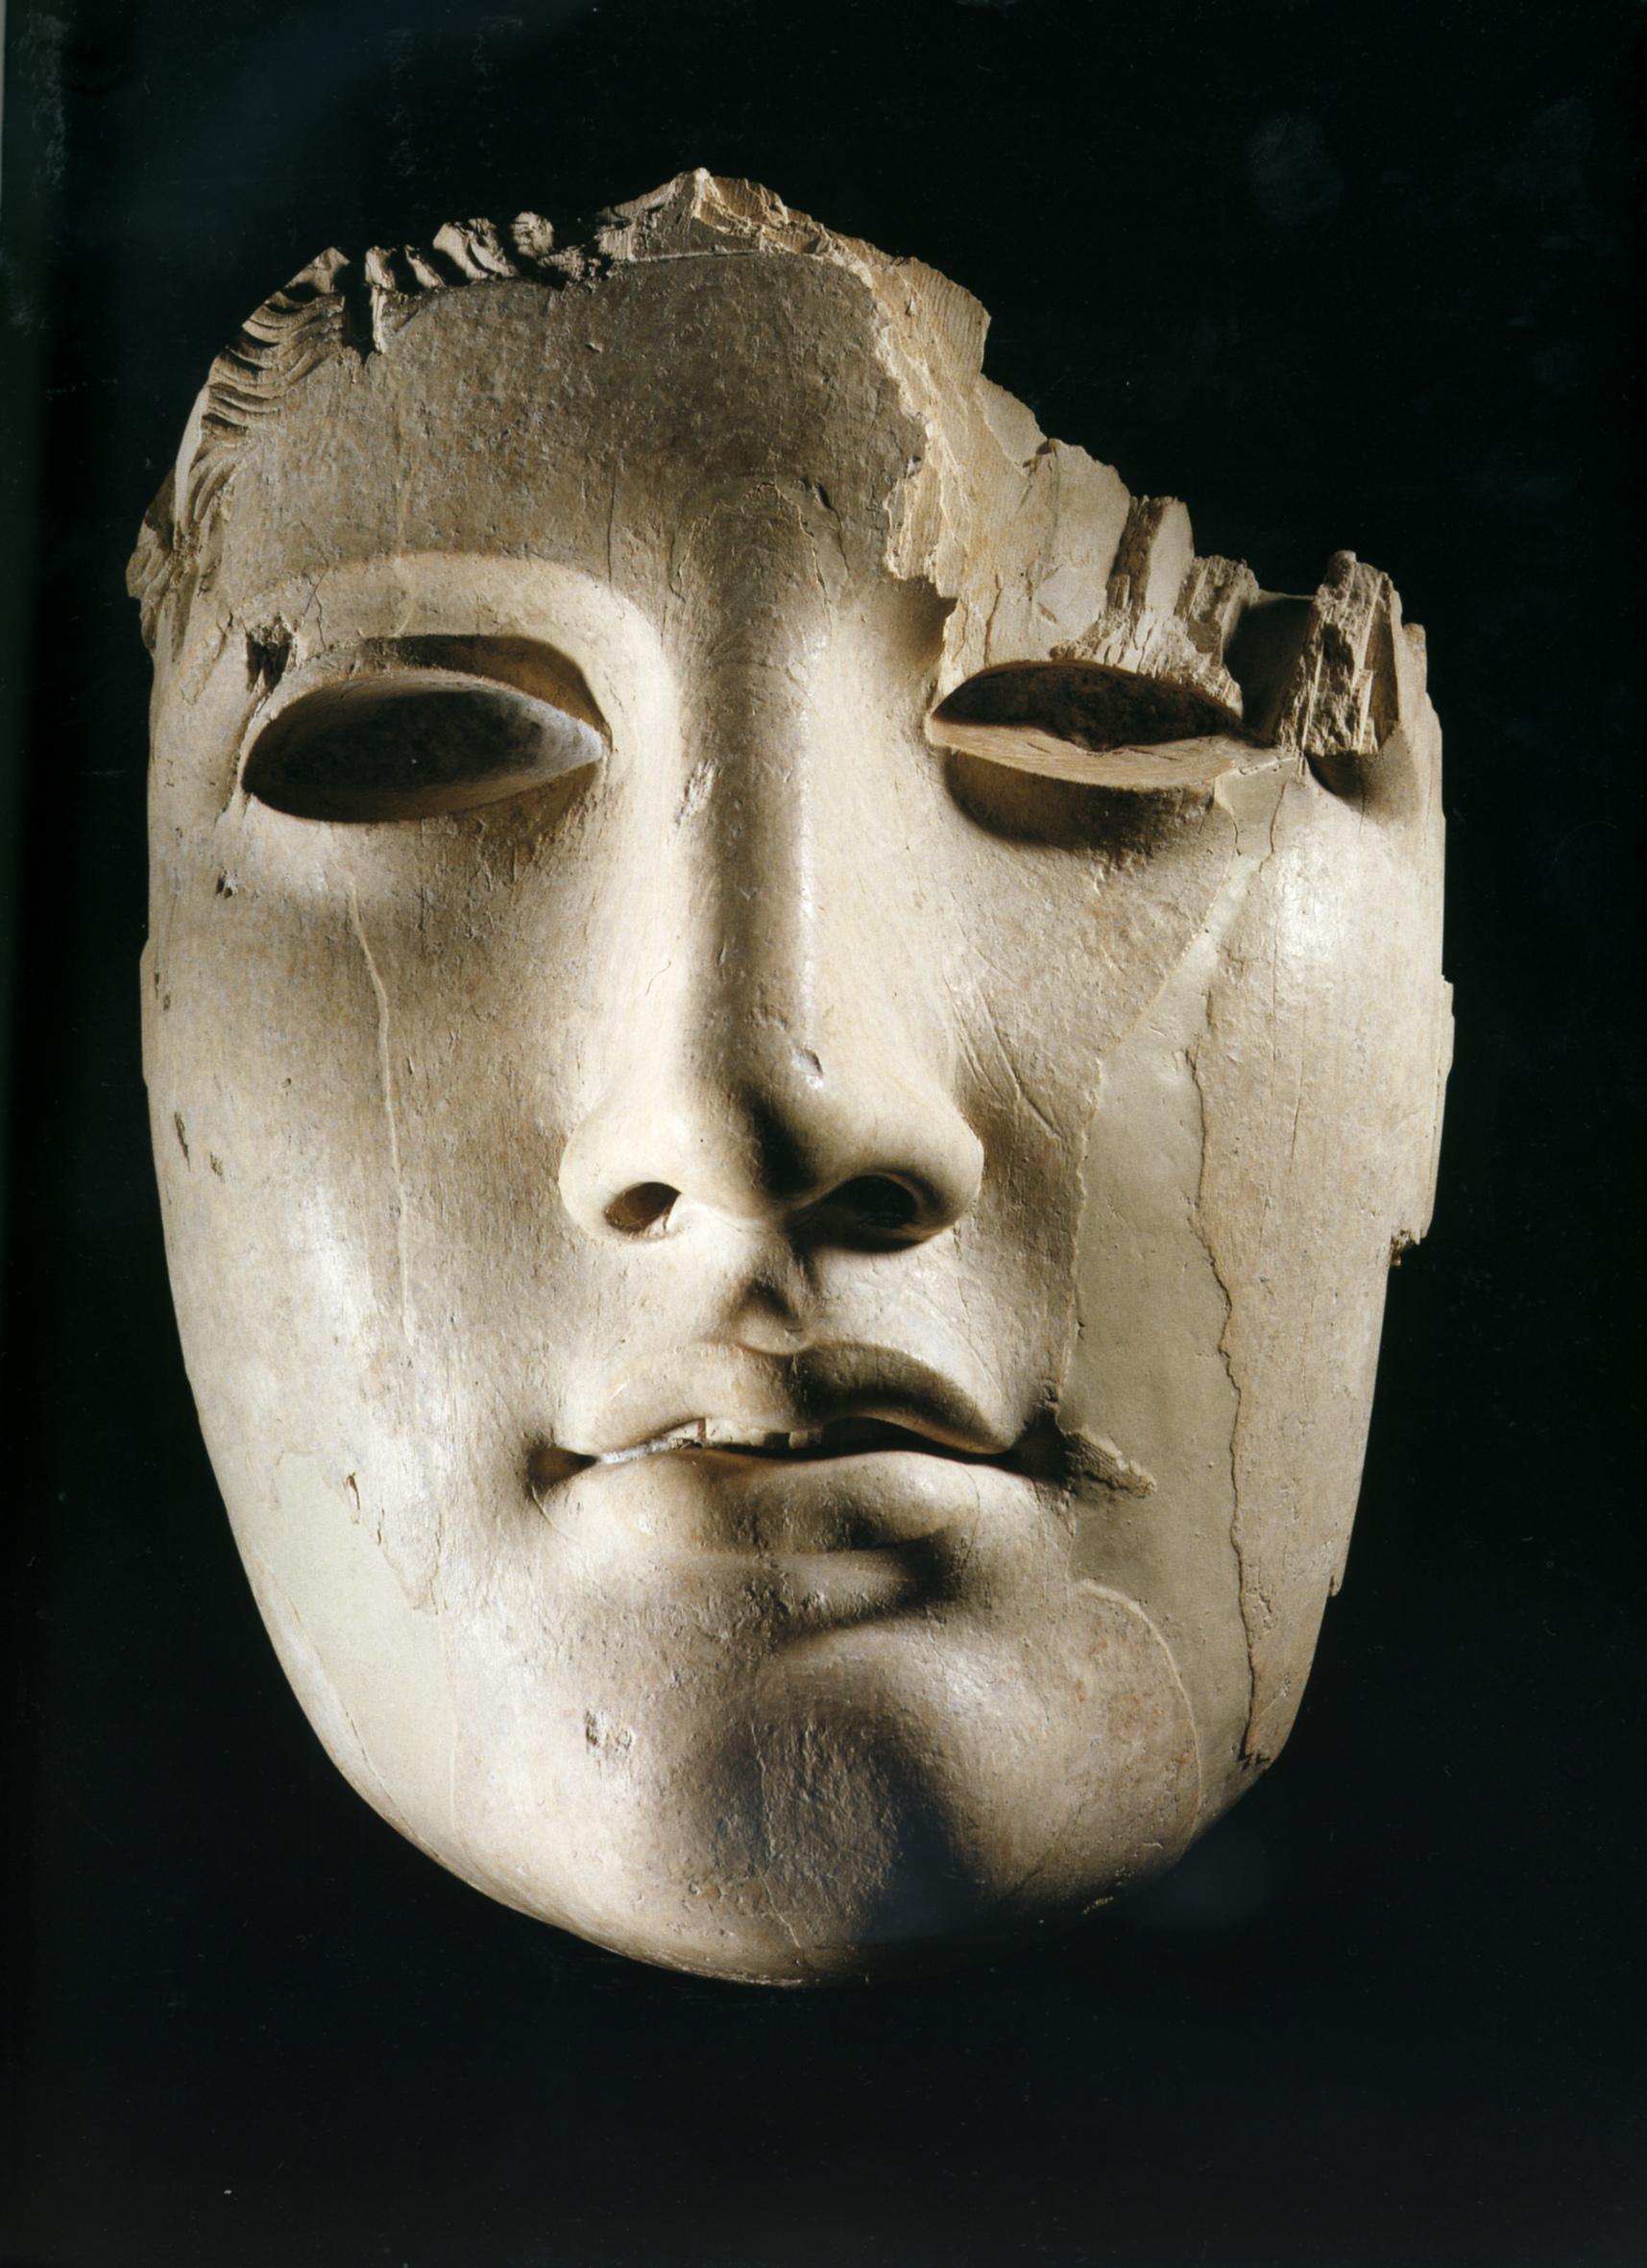 maschera di avorio II sec a.C.